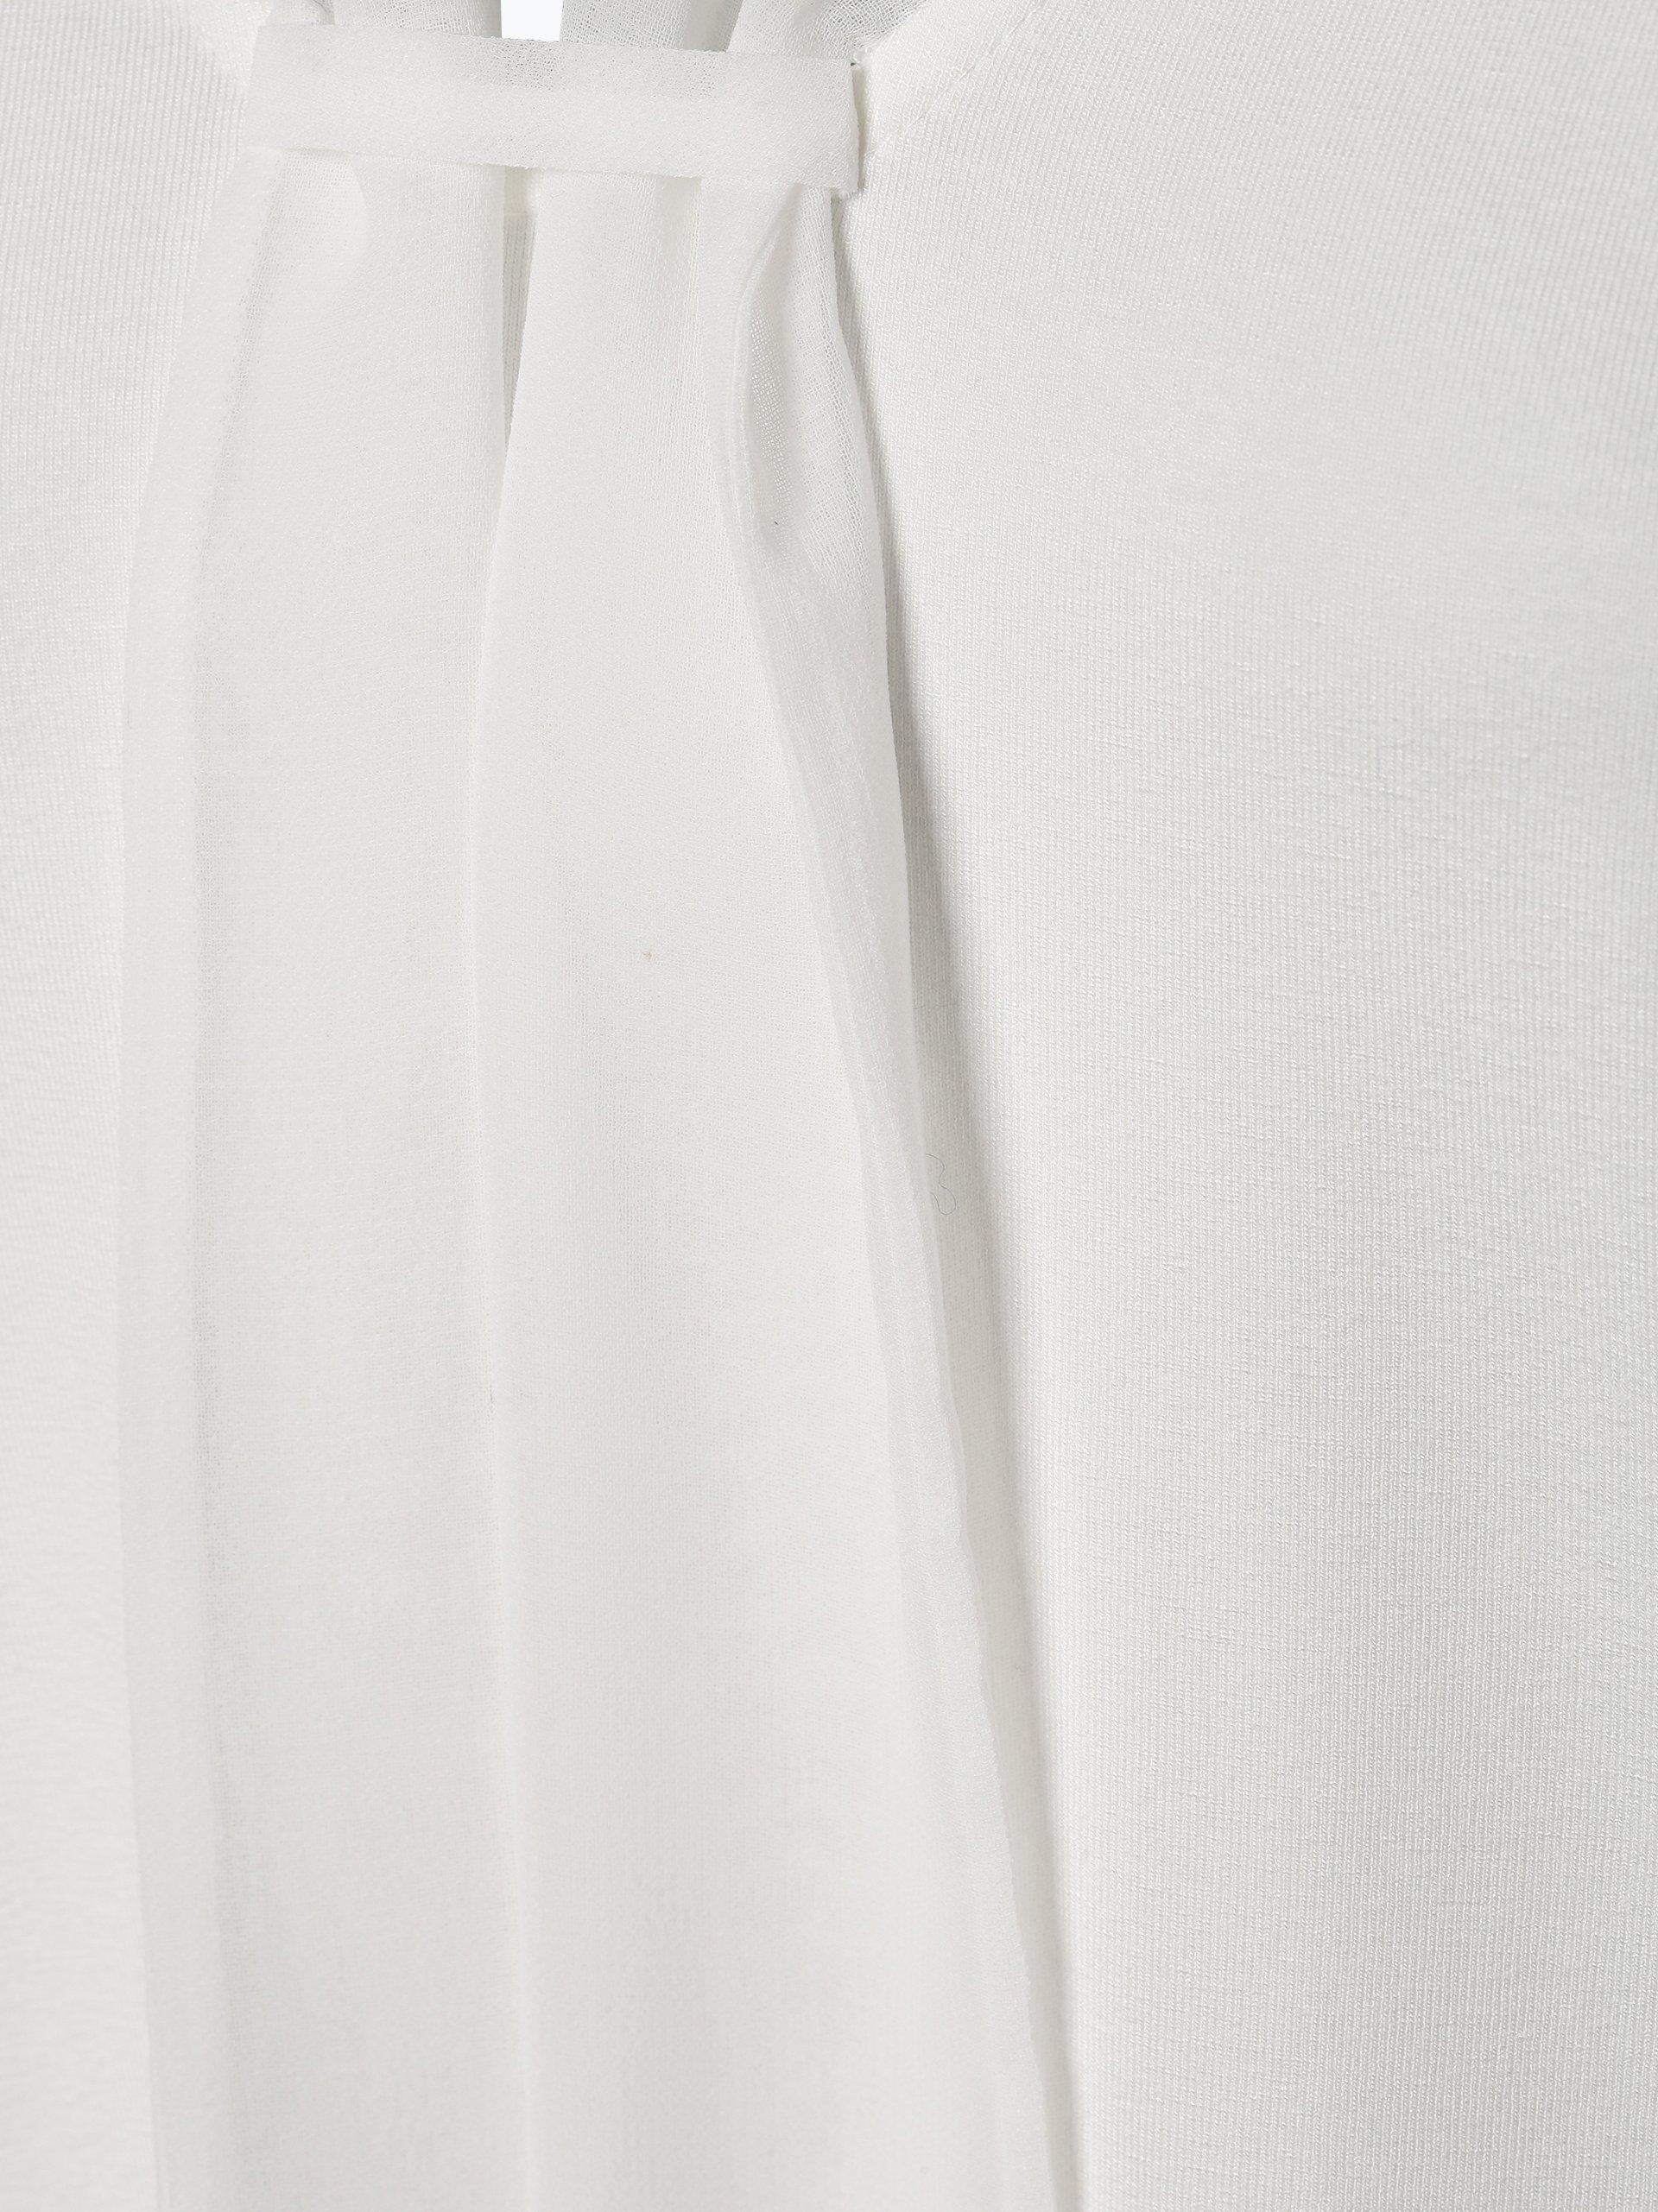 s oliver black label damen t shirt online kaufen. Black Bedroom Furniture Sets. Home Design Ideas